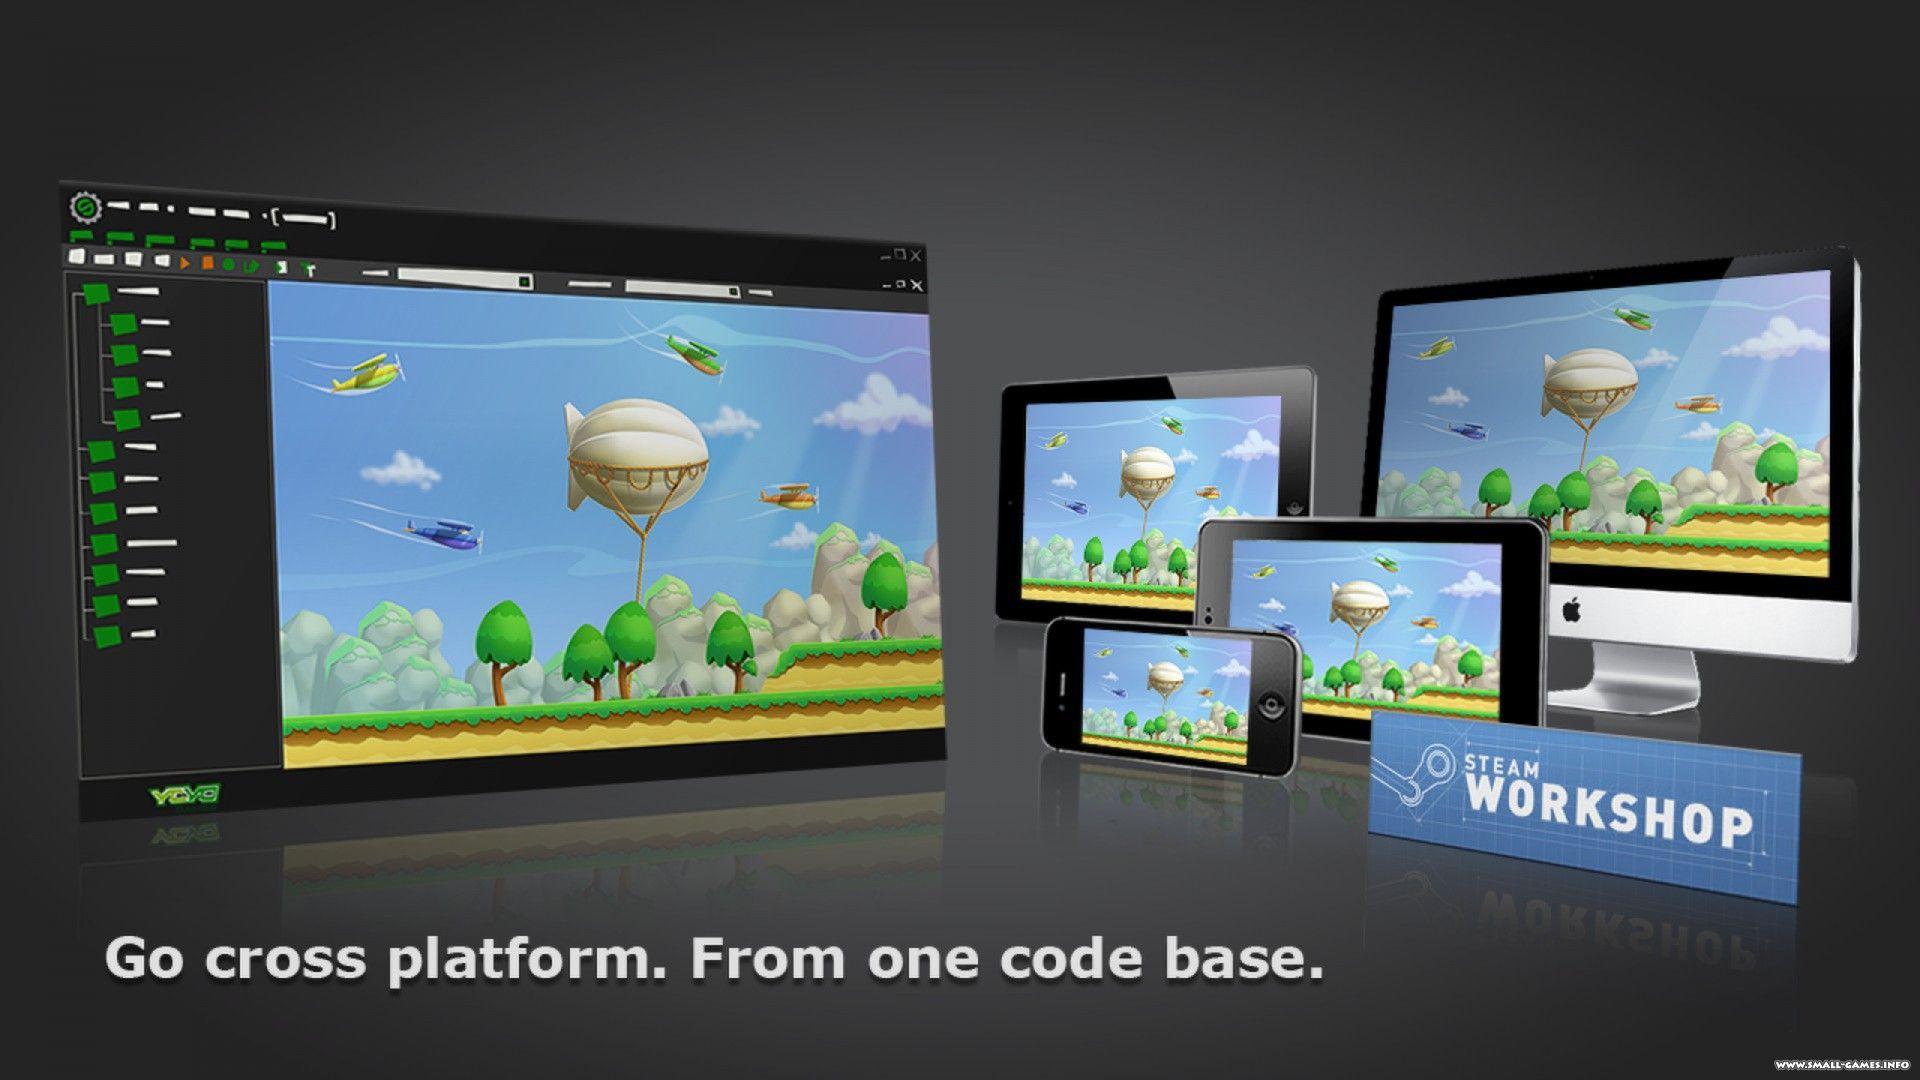 Download GameMaker Studio 2.1.5 Build 322 for Windows